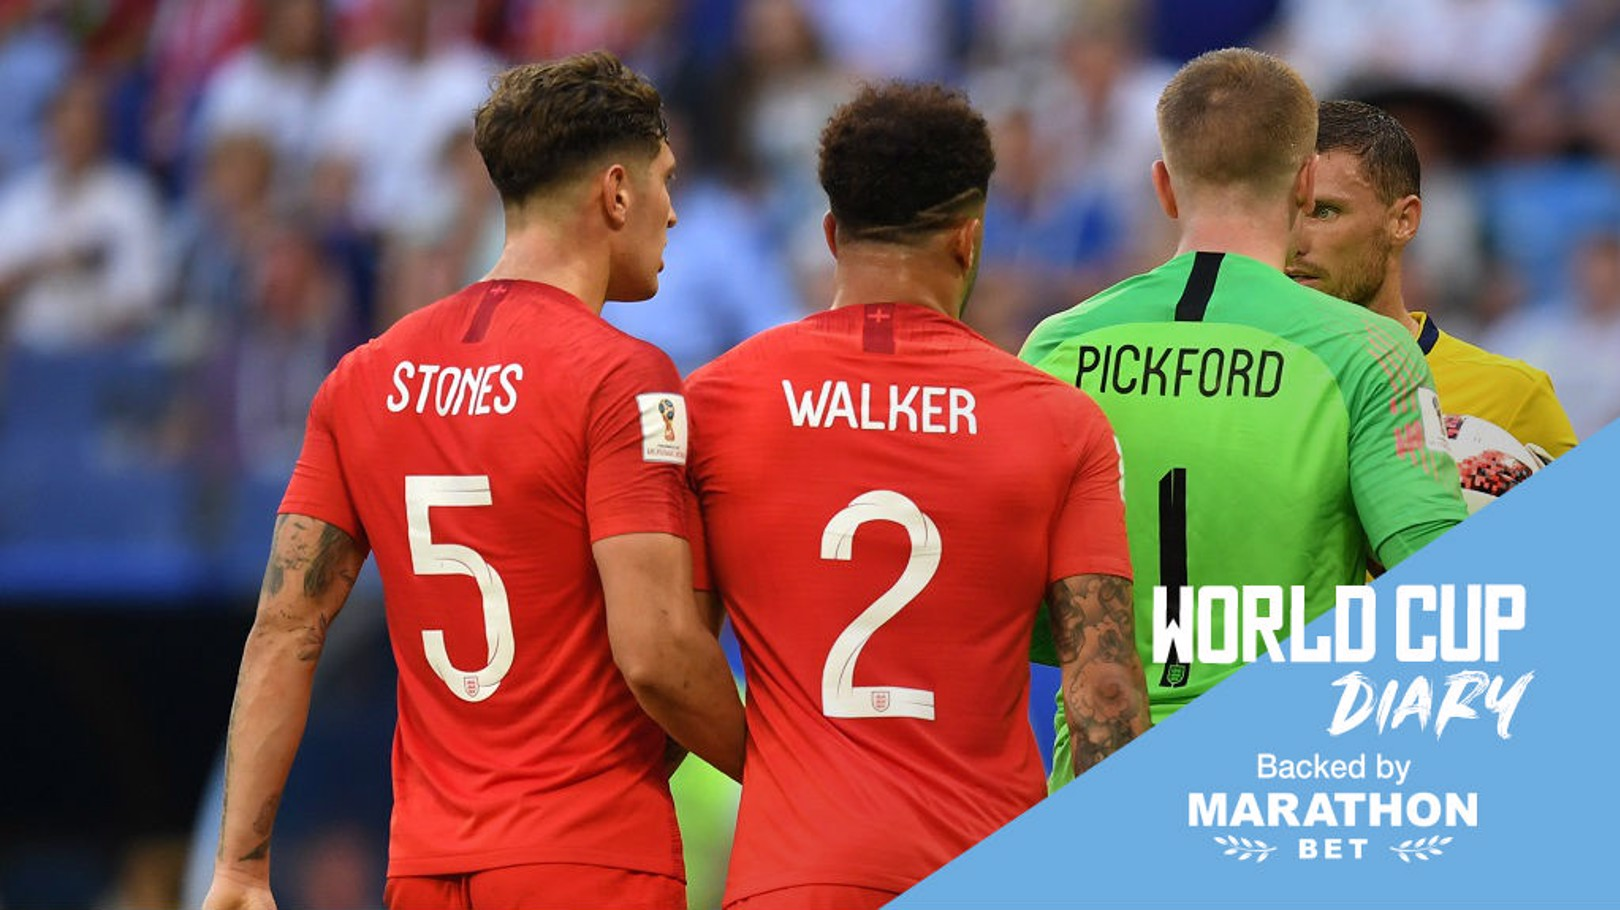 รอบรองชนะเลิศฟุตบอลโลก 2018 ครั้งนี้ มีผู้เล่นจากซิตี้ผ่านเข้าไปได้ถึง 7 คน